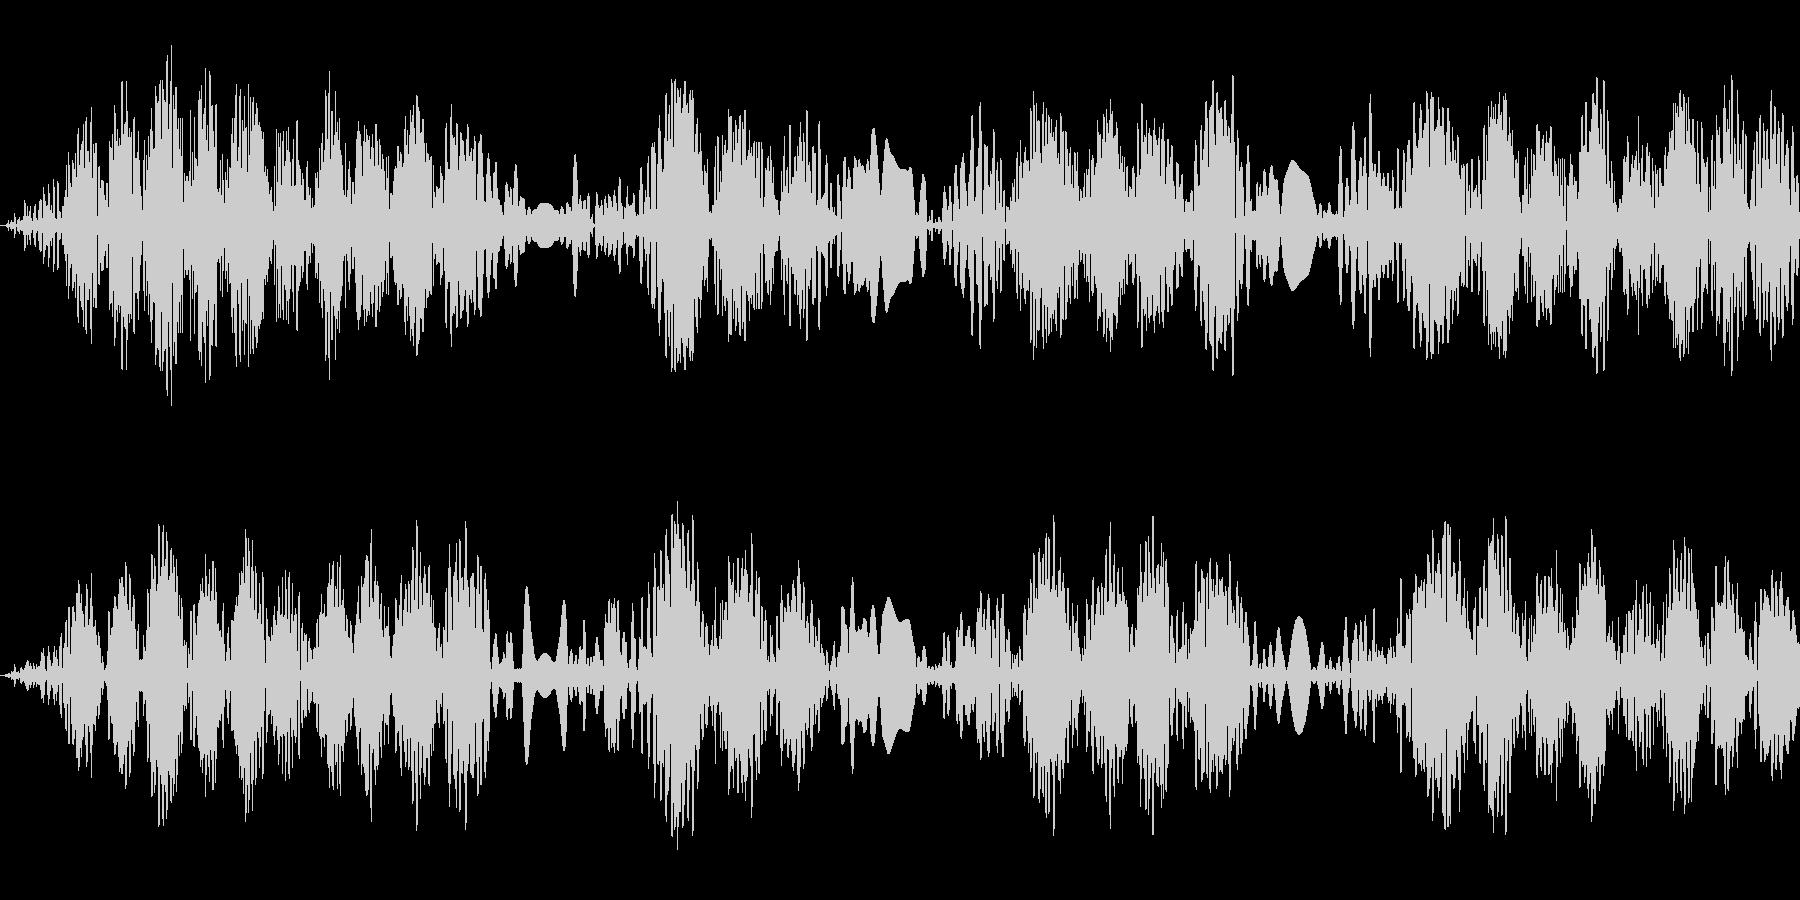 キュパキュパ(レコードスクラッチの音)の未再生の波形